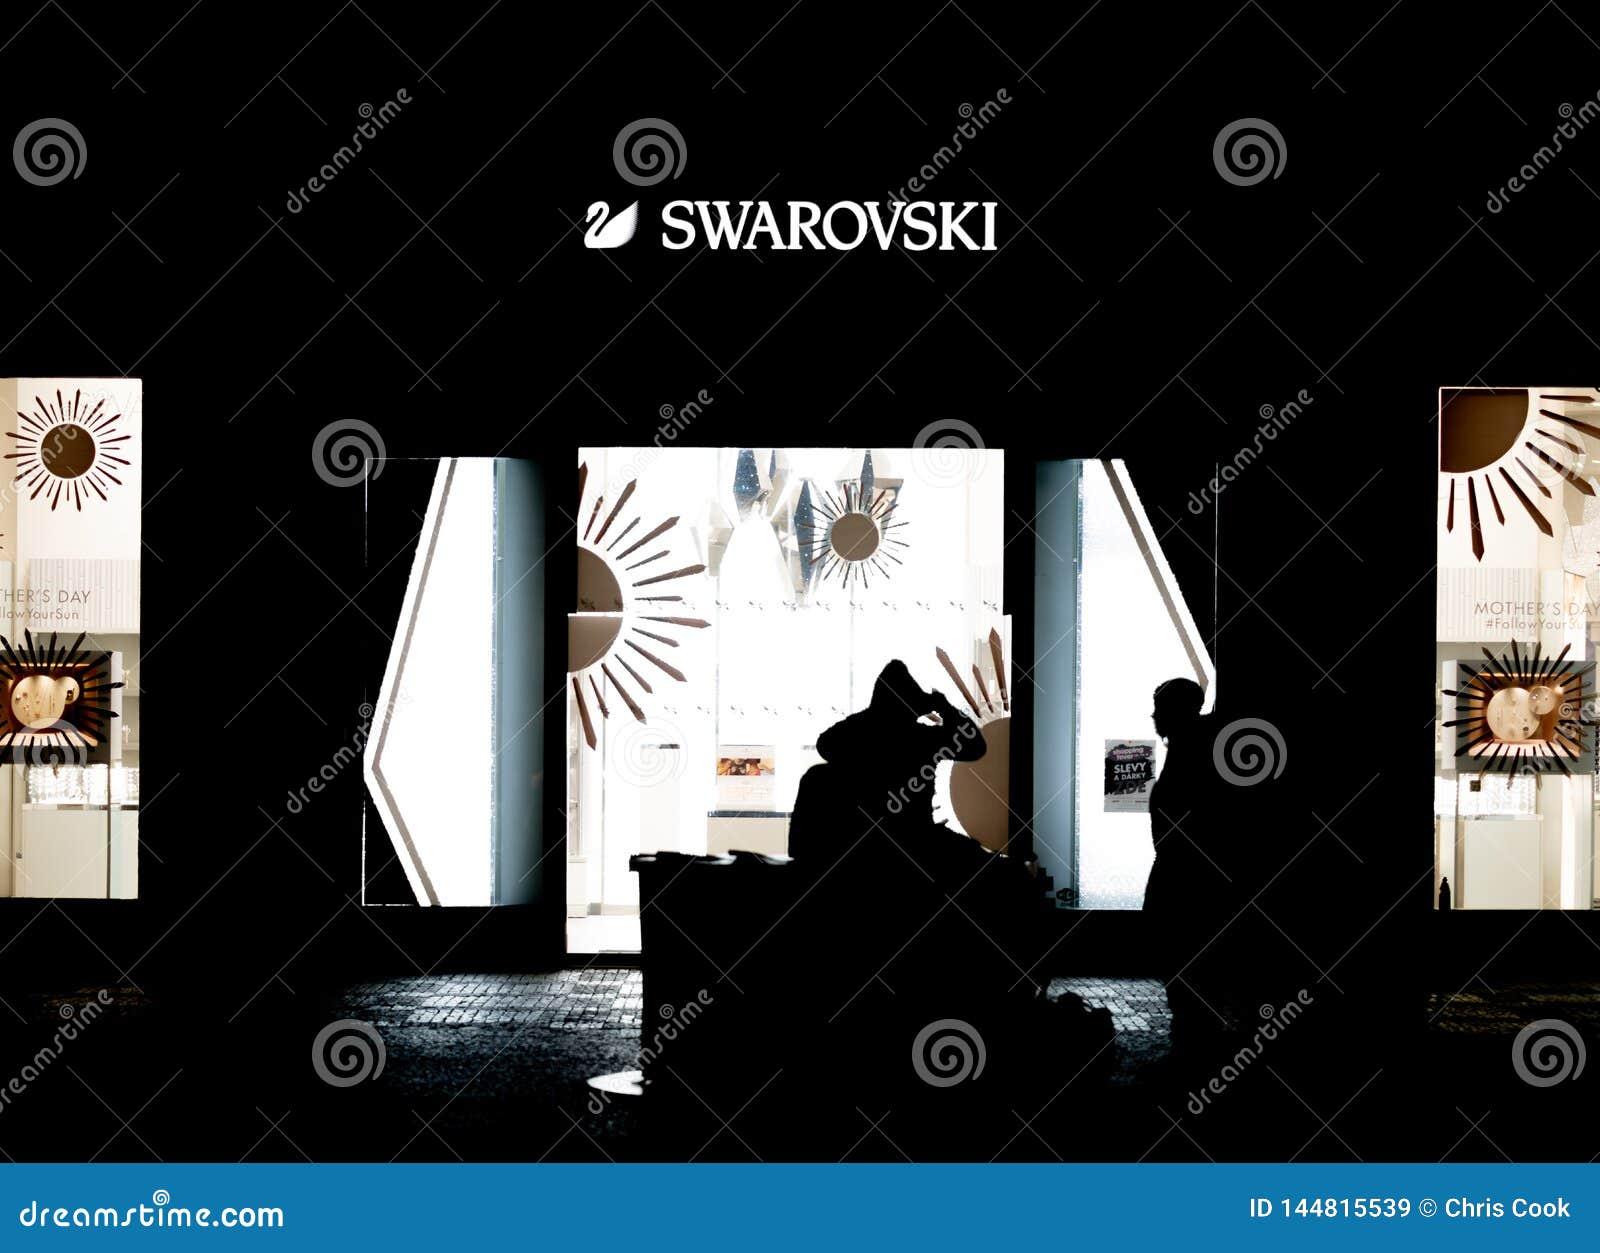 PRAAG, CZECHIA - 10TH APRIL 2019: Een paar zit voor een Swarovski-winkel laat bij nacht in Praag